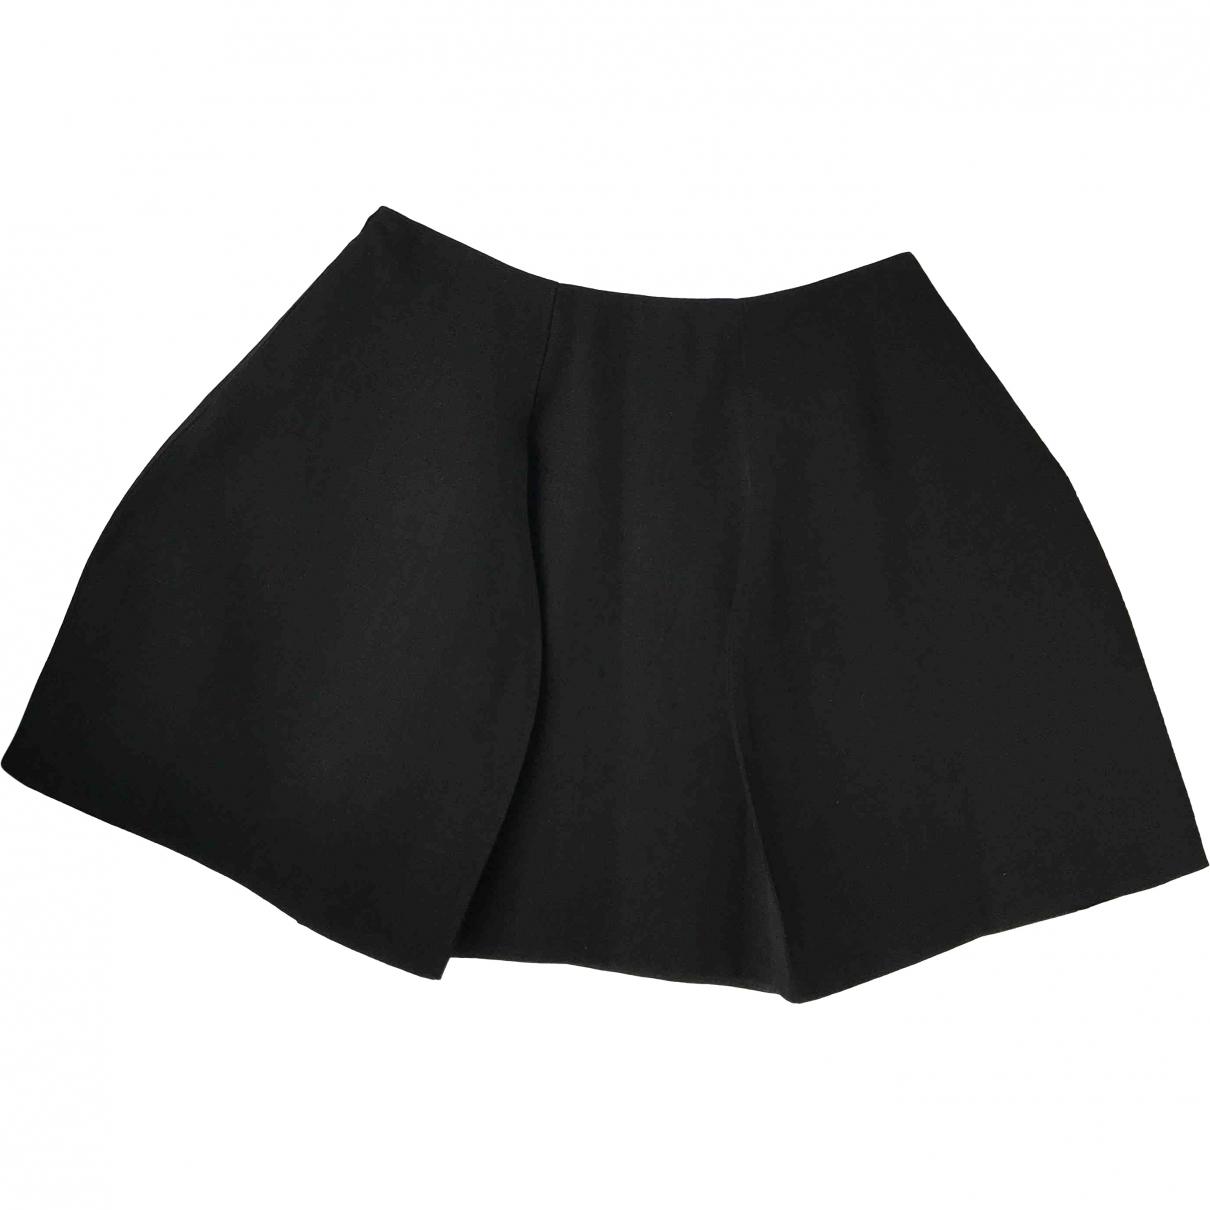 Jil Sander \N Black skirt for Women 40 IT